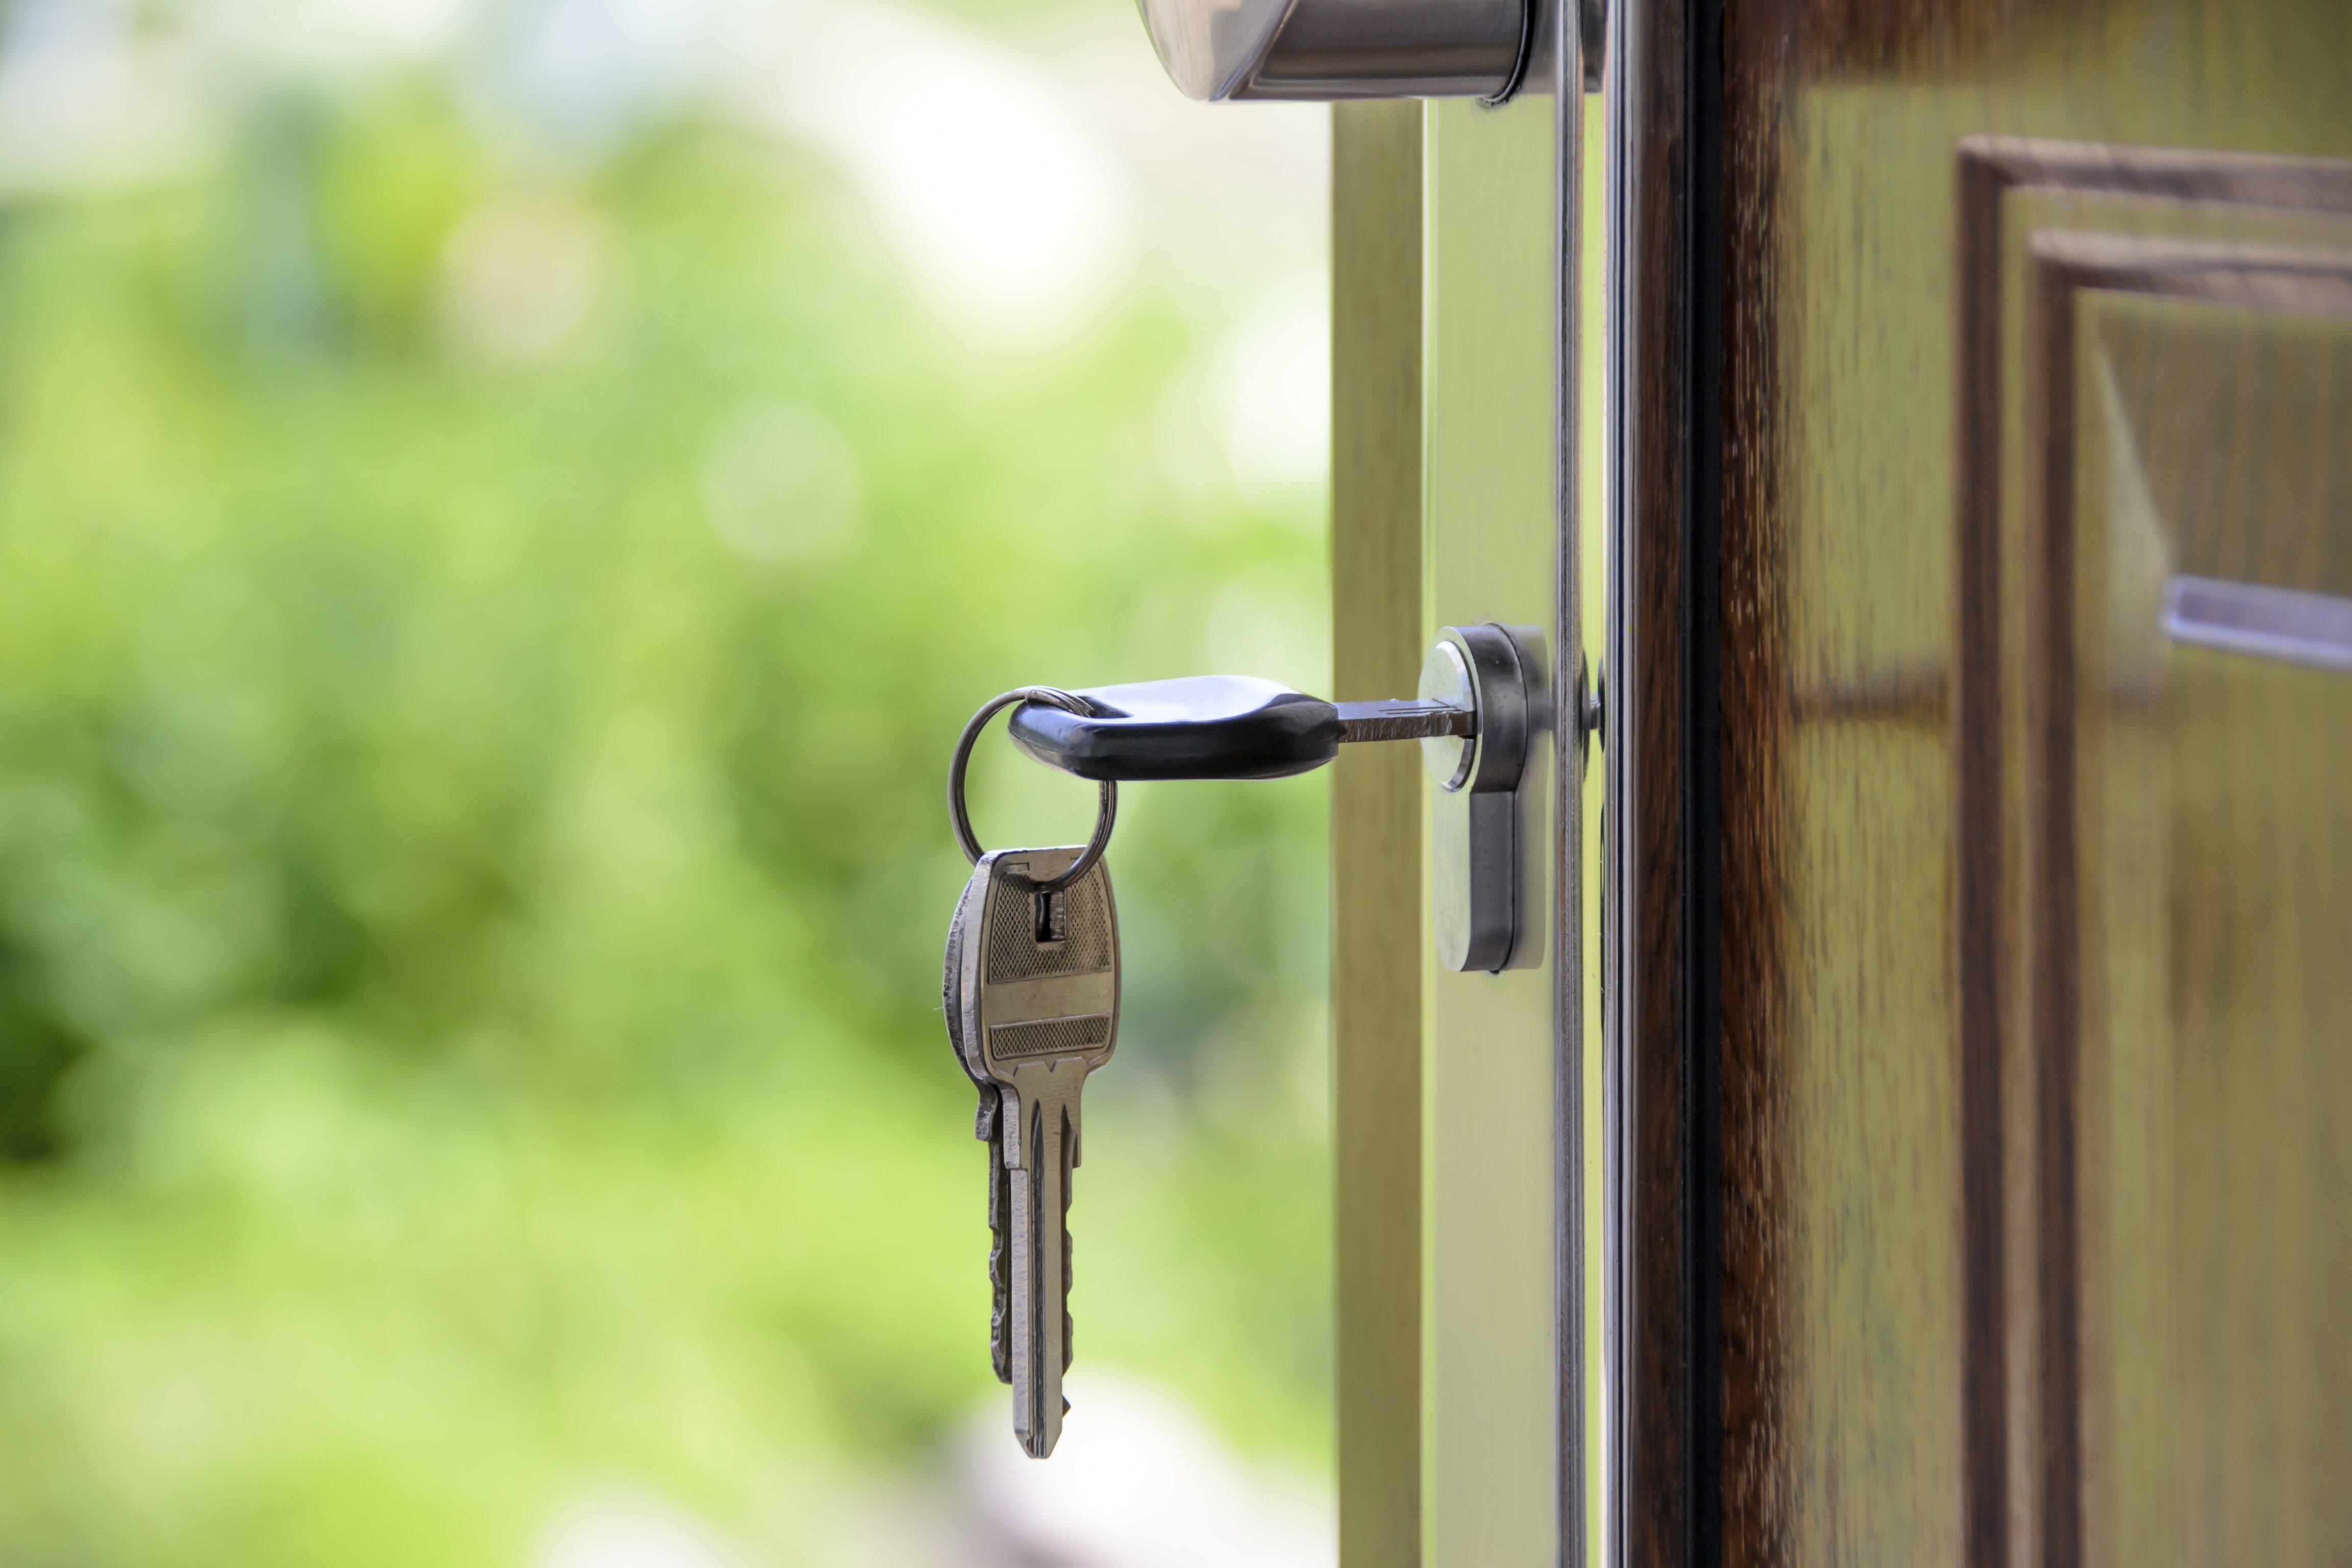 Изображение - Оформление квартиры в собственность open-light-architecture-house-window-building-619151-pxhere.com_